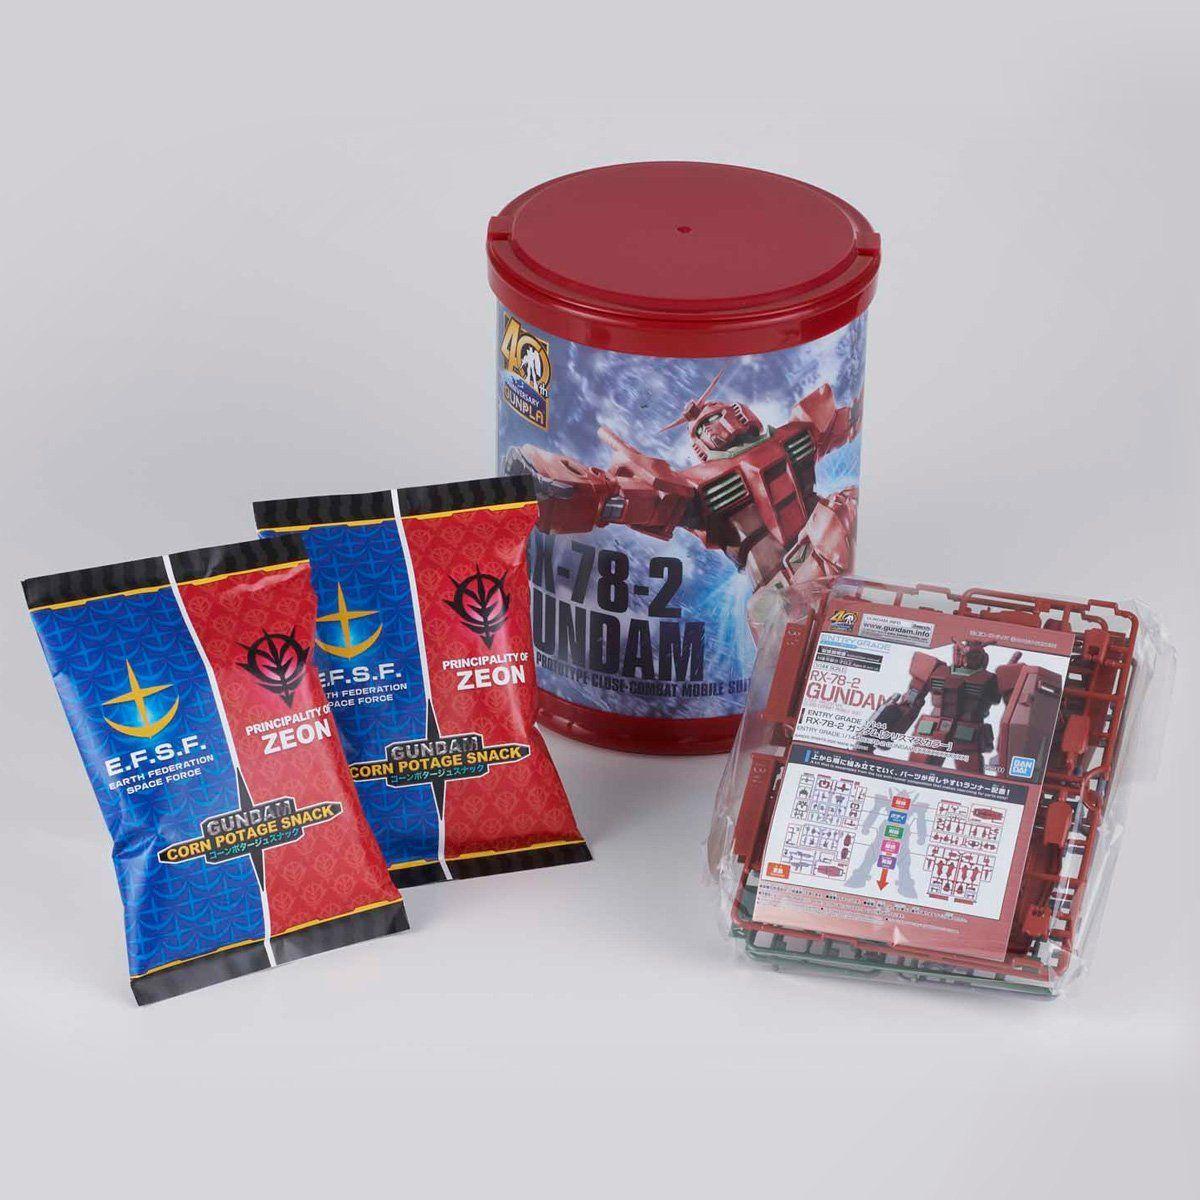 【限定販売】【食玩】EGガンダム『ガンプラ入りラウンドBOX』ENTRY GRADE 1/144 RX-78-2 ガンダム プラモデル-009